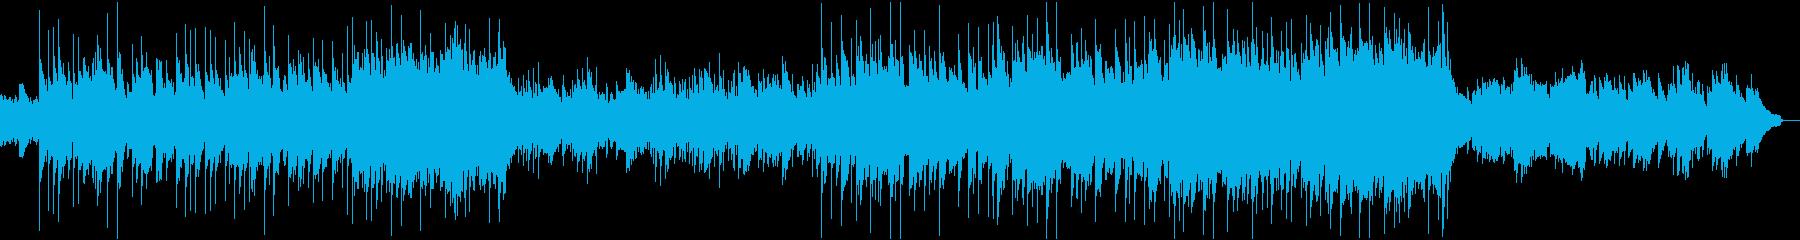 ハープを使った冬のヒーリングソングの再生済みの波形